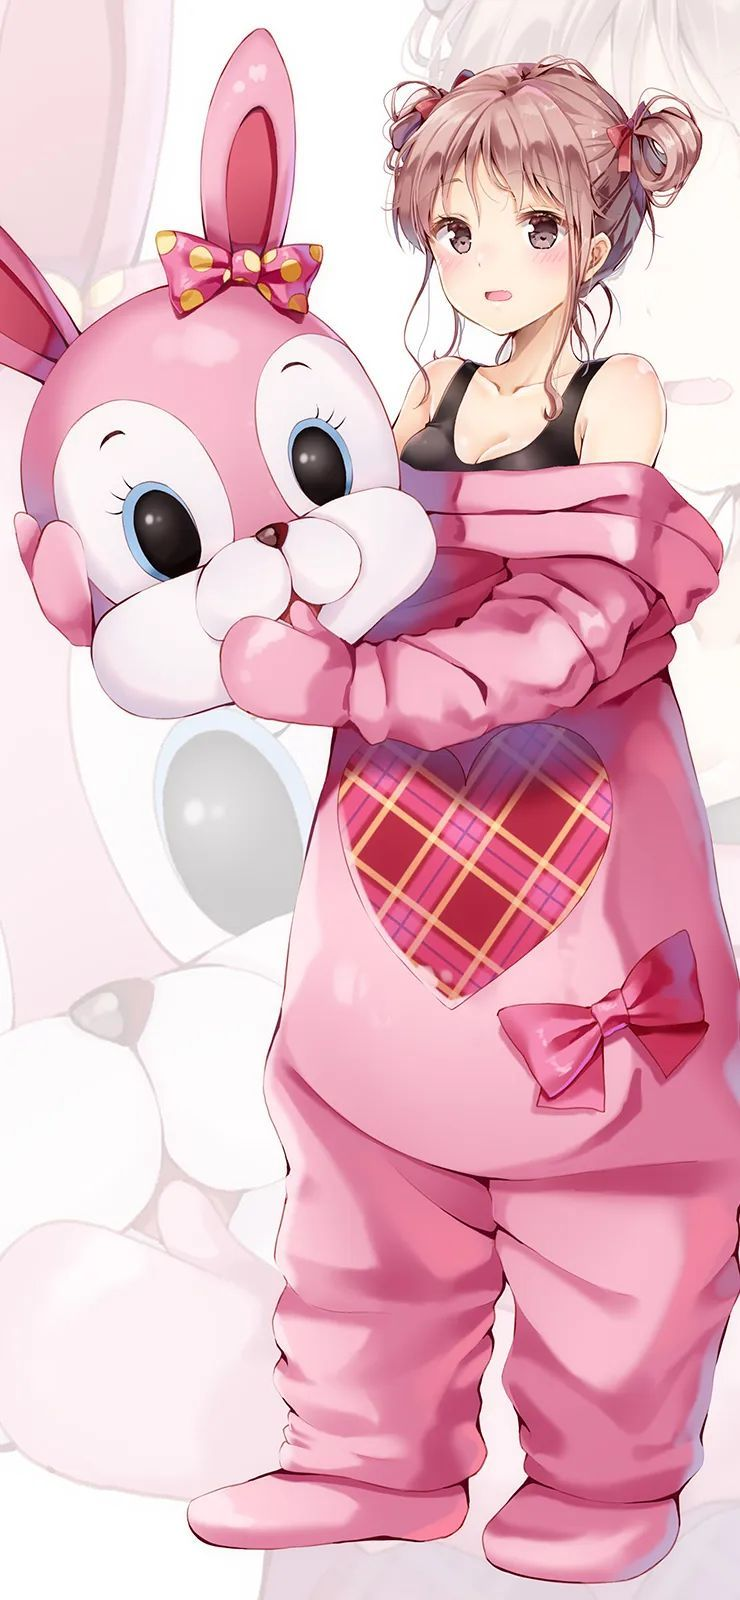 【二次元动漫壁纸集】蓝色连衣裙少女怀抱猫猫,羡慕啊_图片 No.5